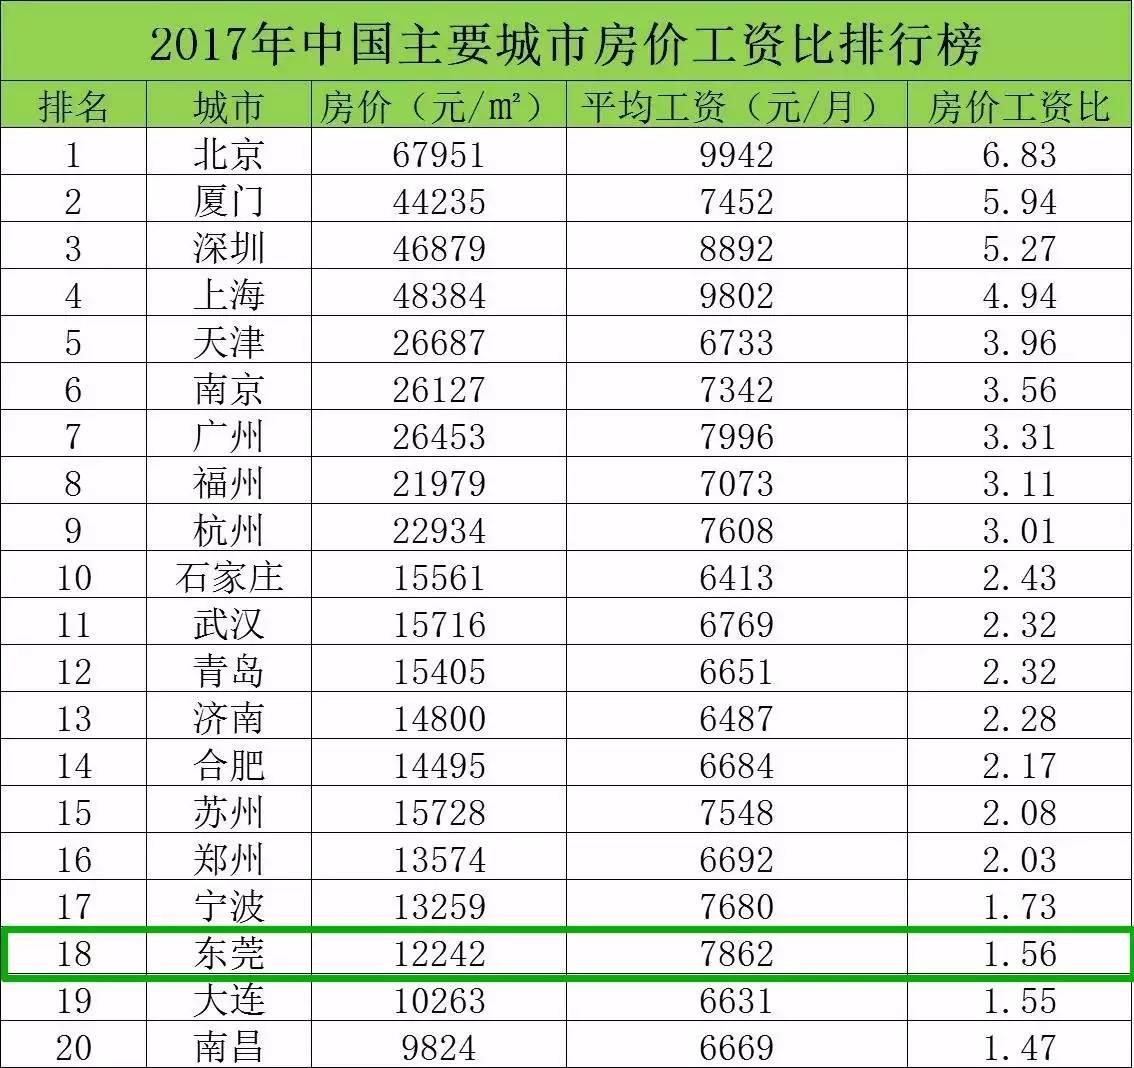 国庆各省旅游收入排行_2017俱乐部收入排行